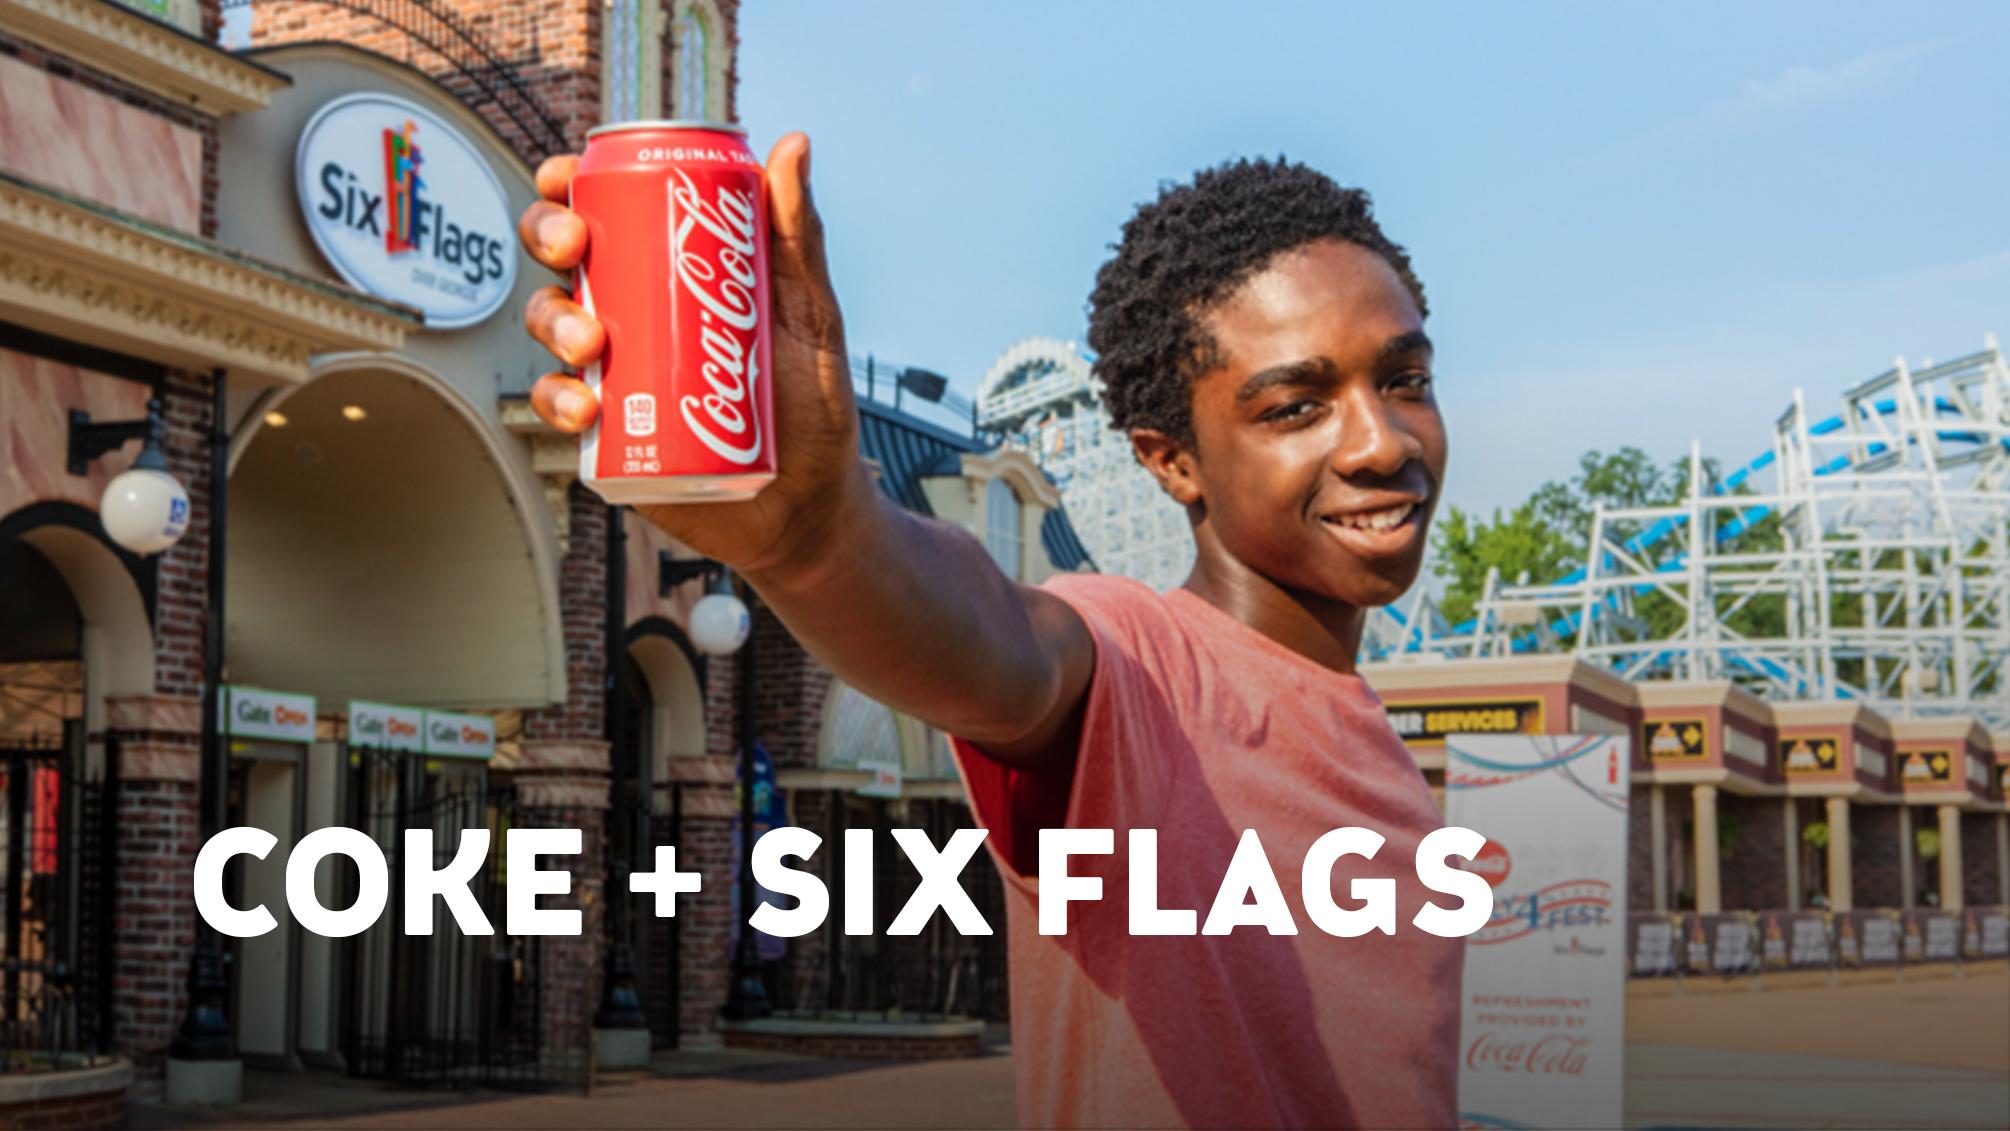 Coke_Six_Flags_Caleb.jpg